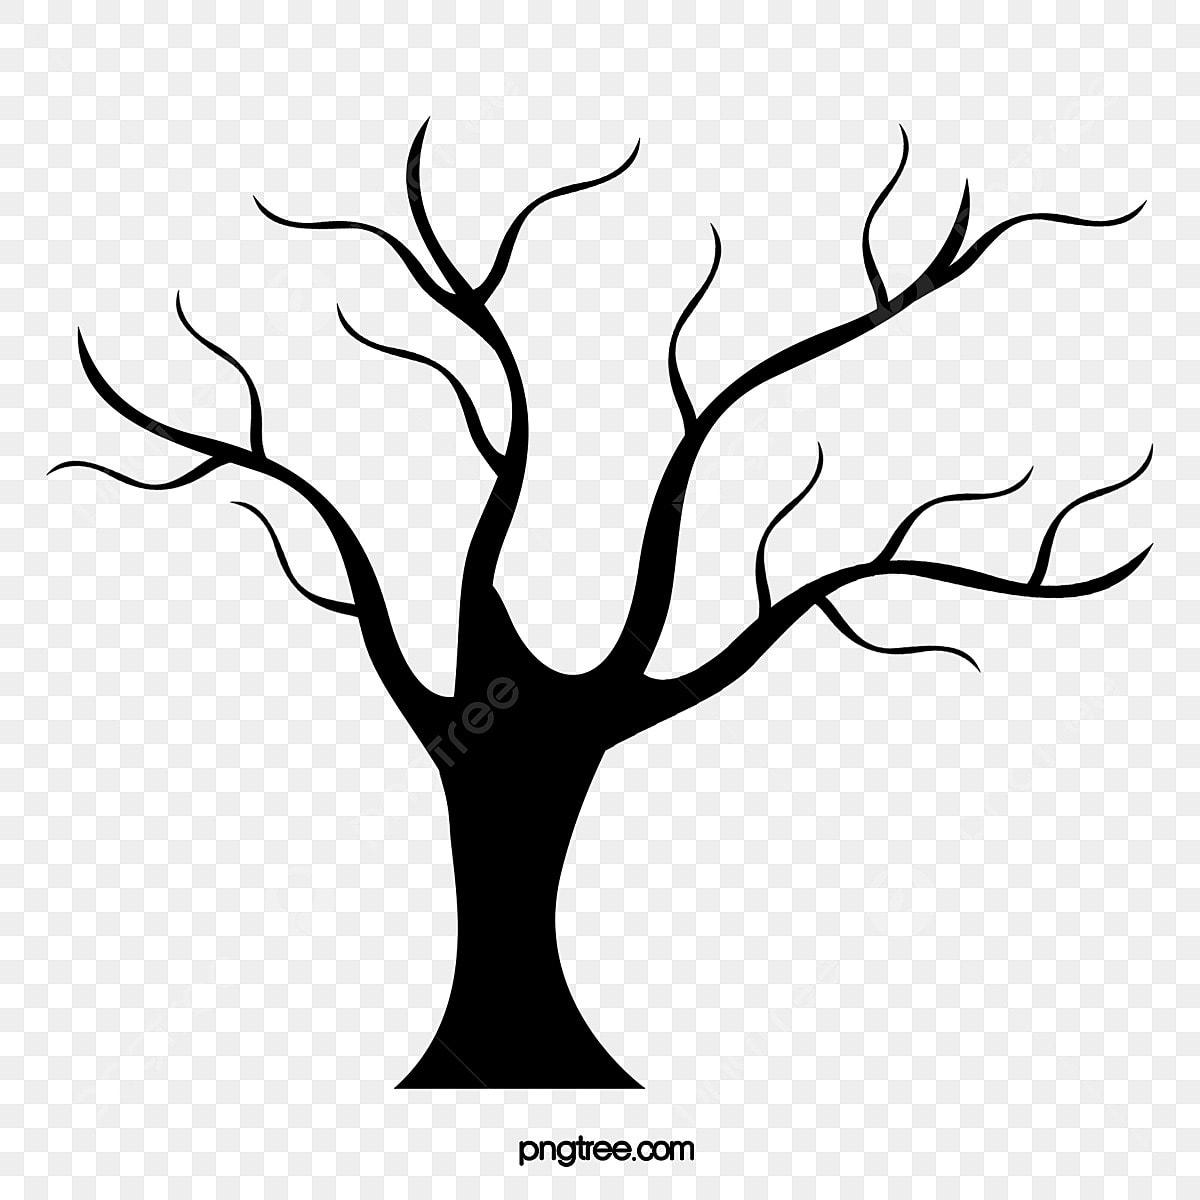 ندوة ديسكو أصبح غاضبا خطوات رسم شجرة Alterazioni Org